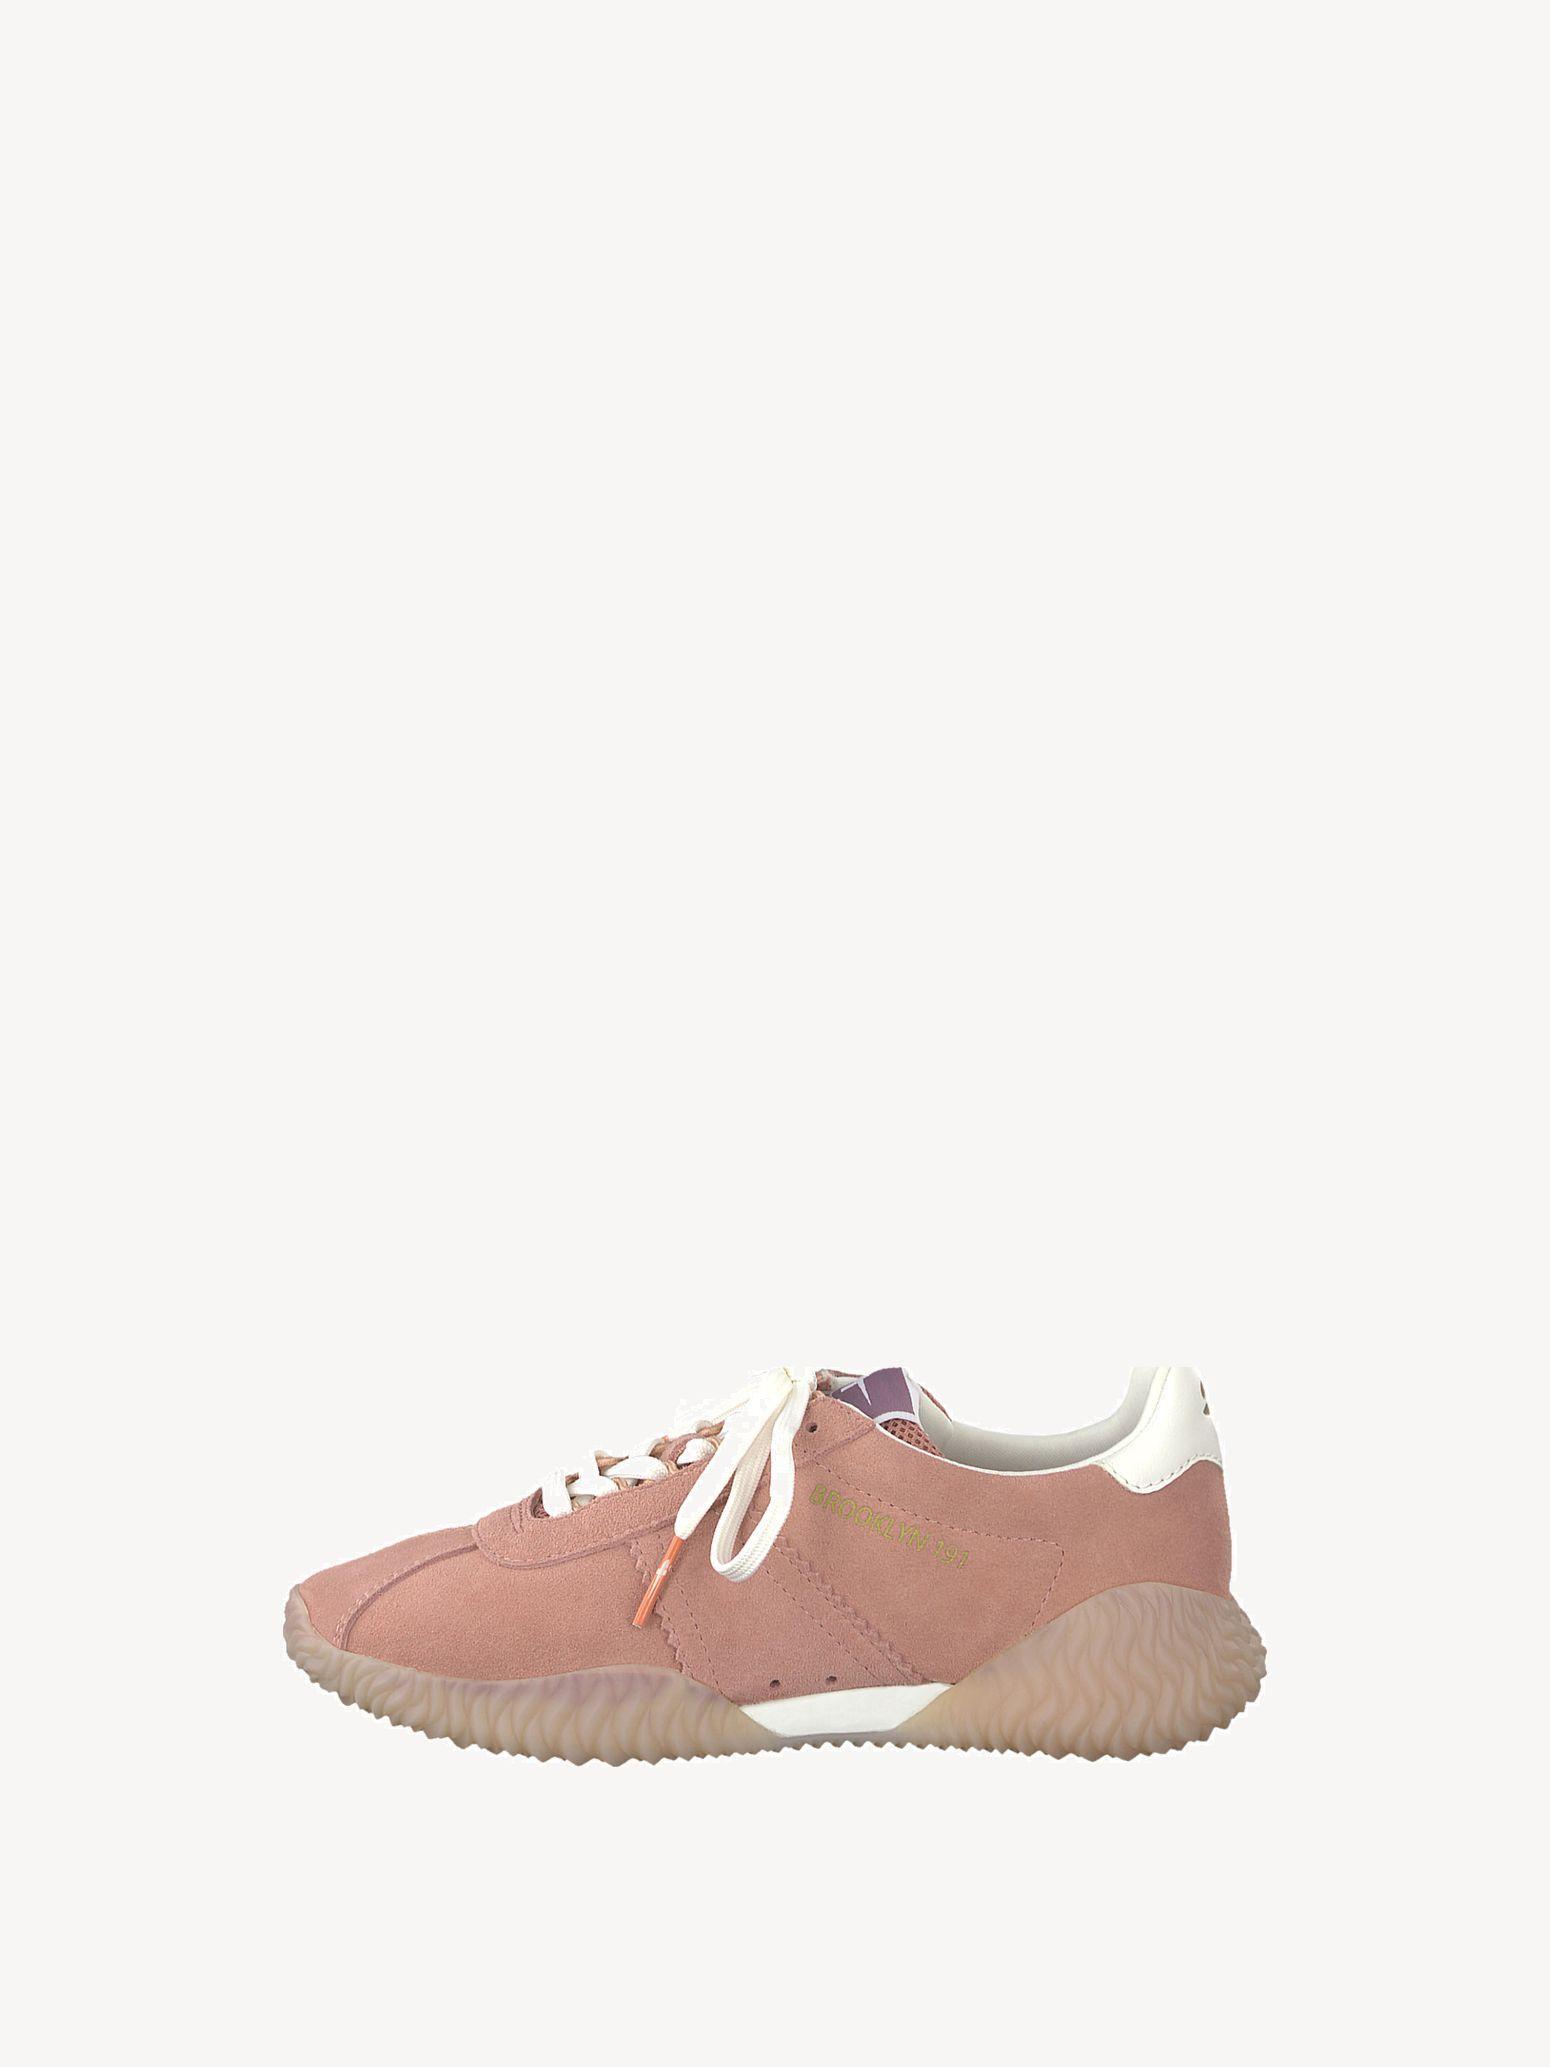 TAMARIS Sneaker coral